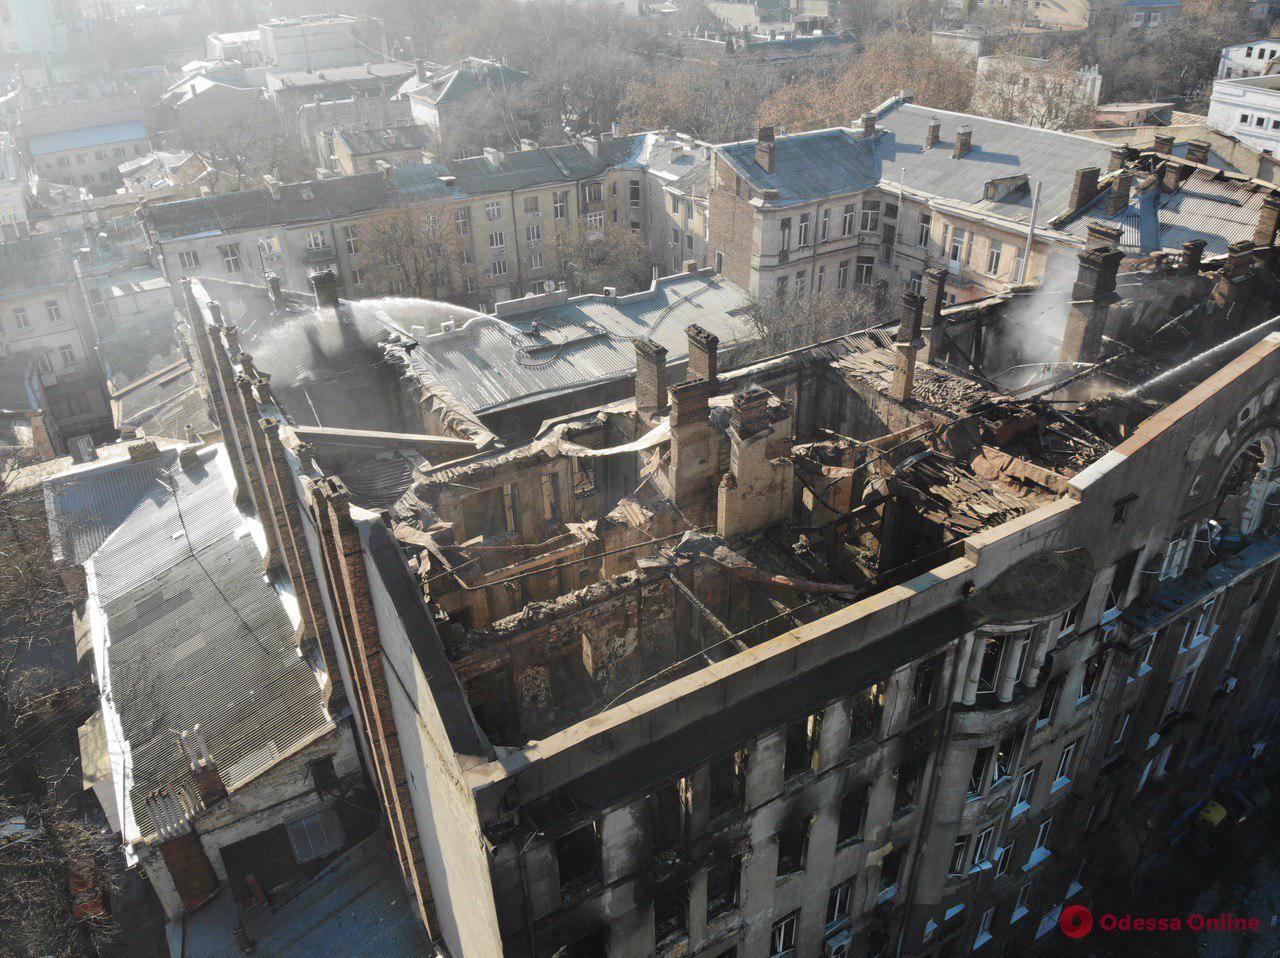 Спасатели закончили проливать водой сгоревшее здание на Троицкой (фото, обновлено)